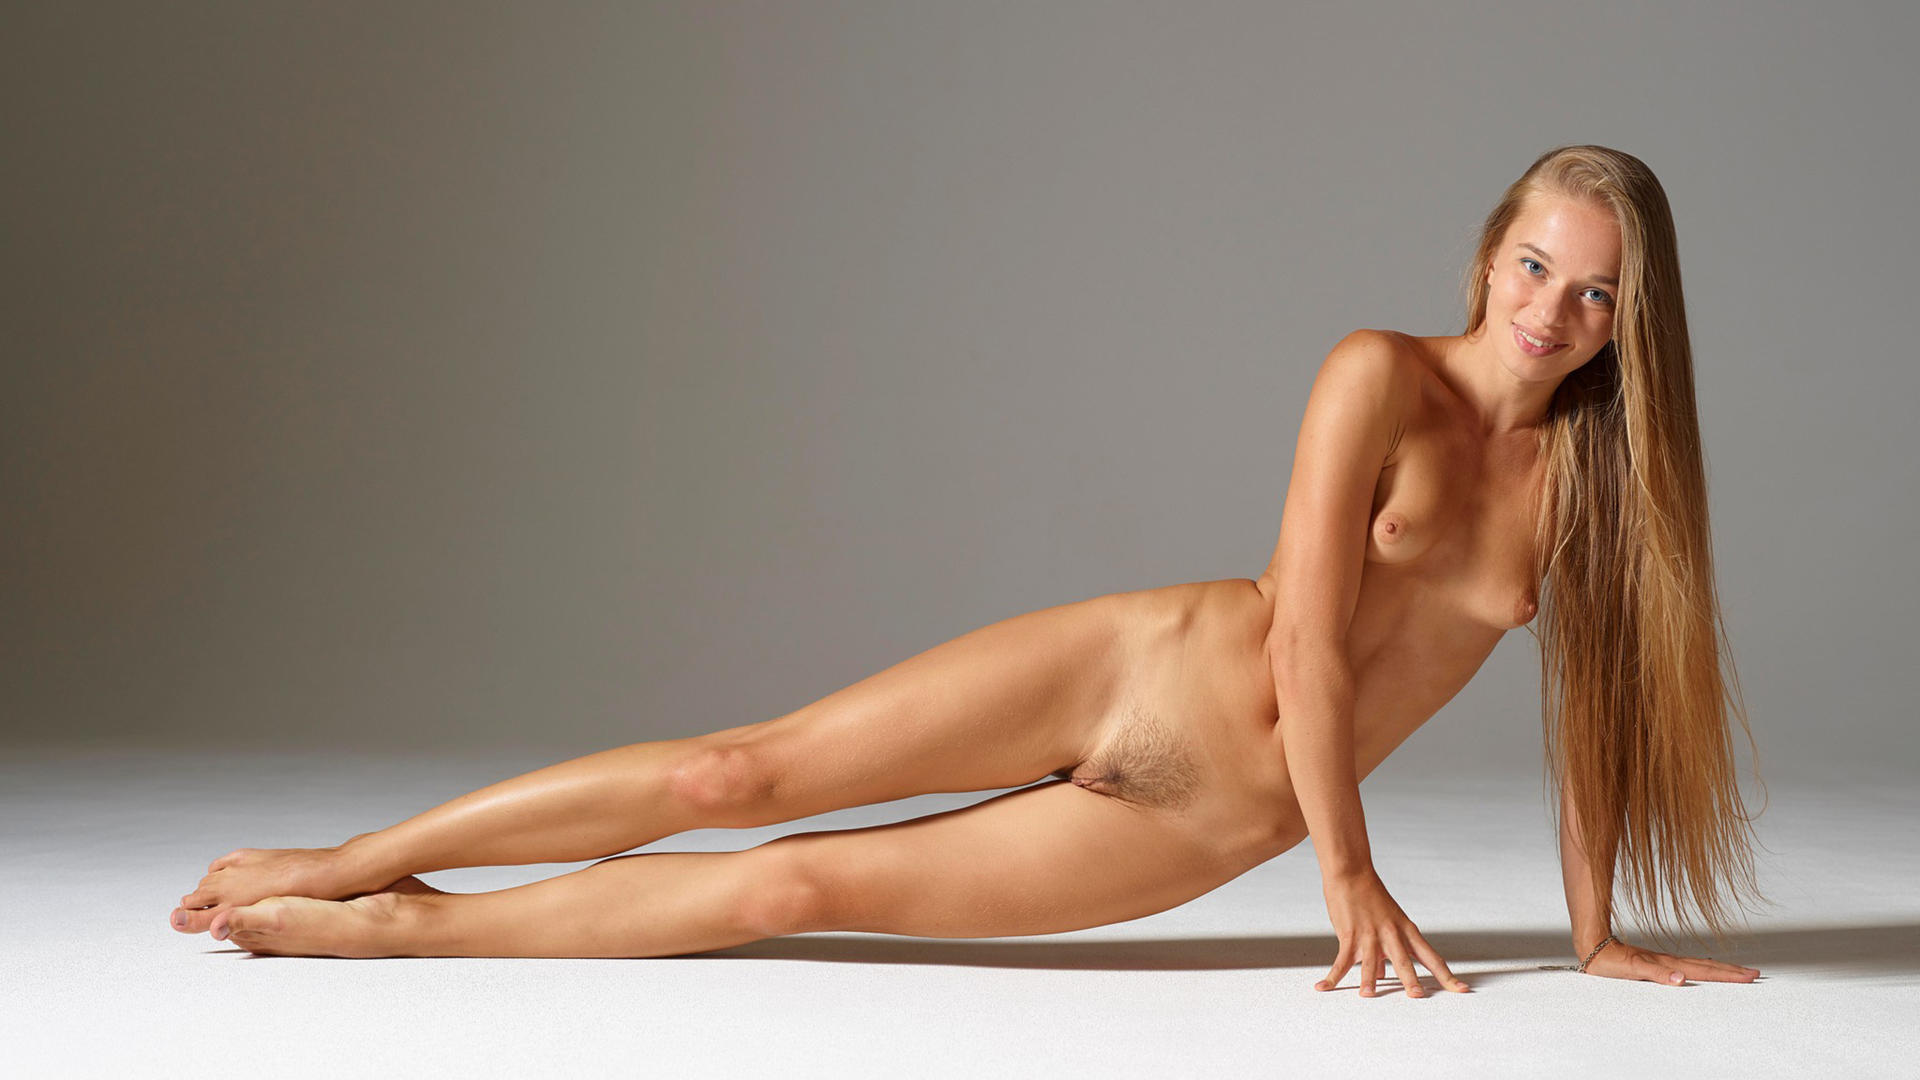 Sook yin lee nude